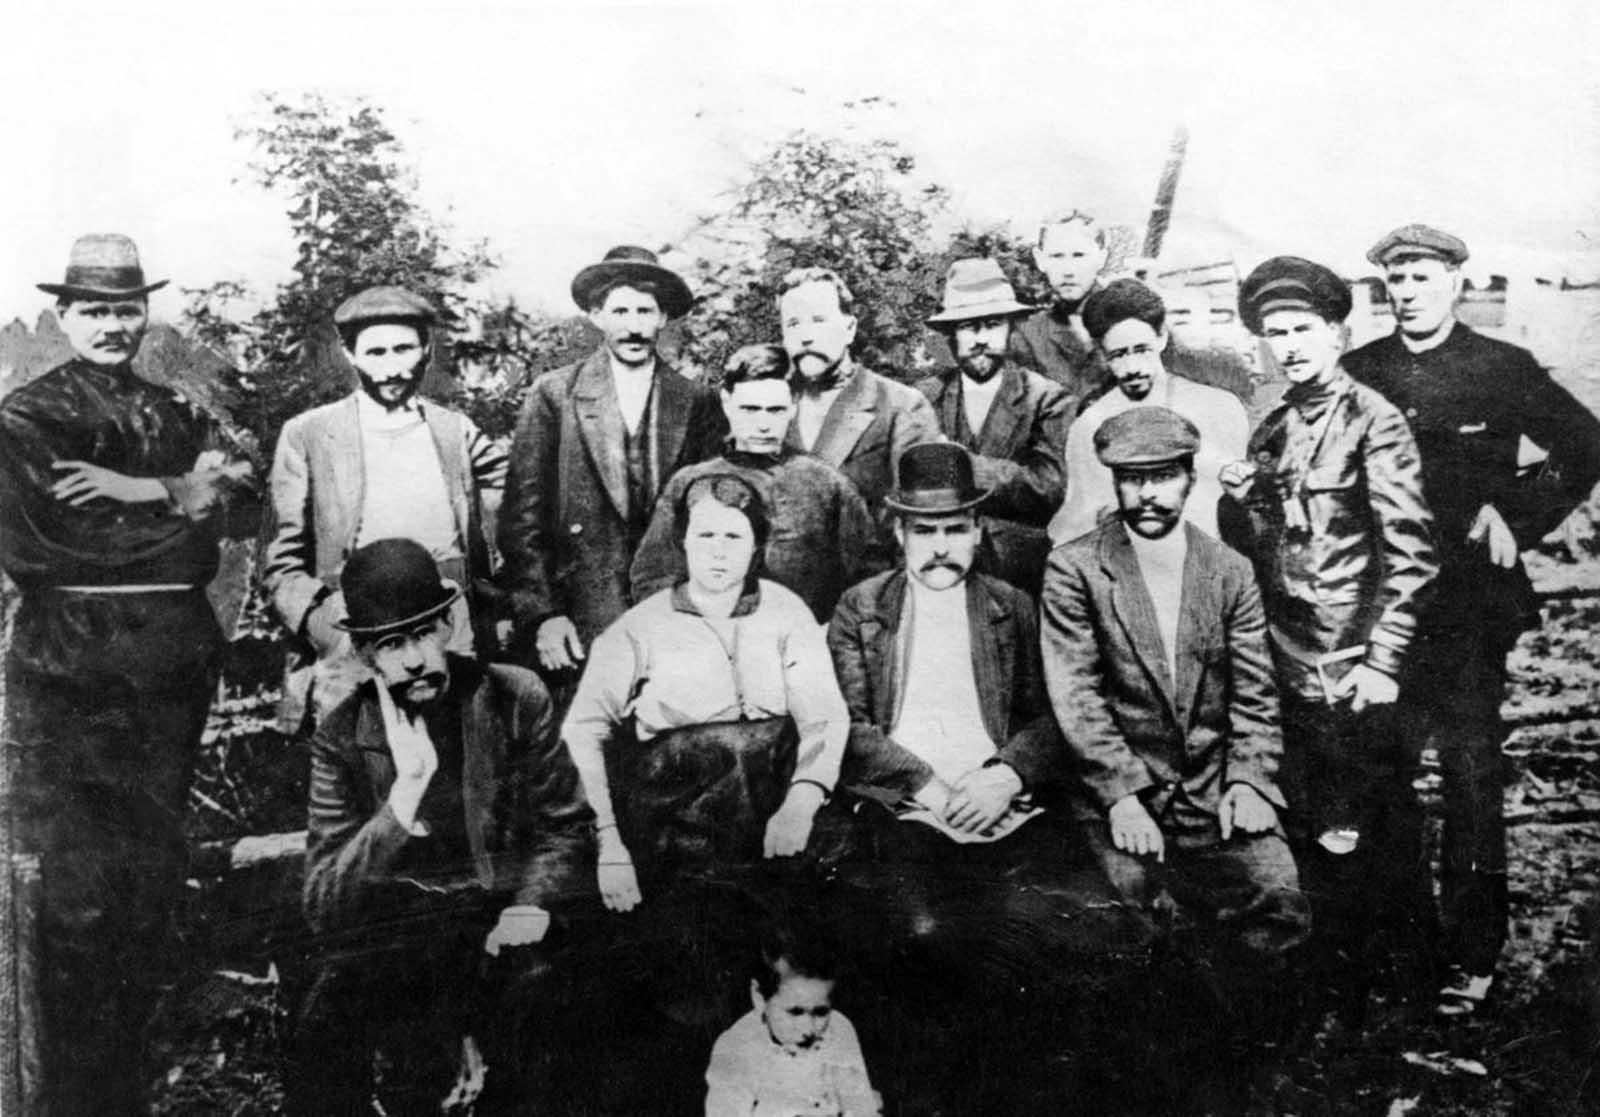 Stalin (de pie, tercero desde la izquierda) con un grupo de revolucionarios bolcheviques en Turukhansk, Imperio ruso. 1915.